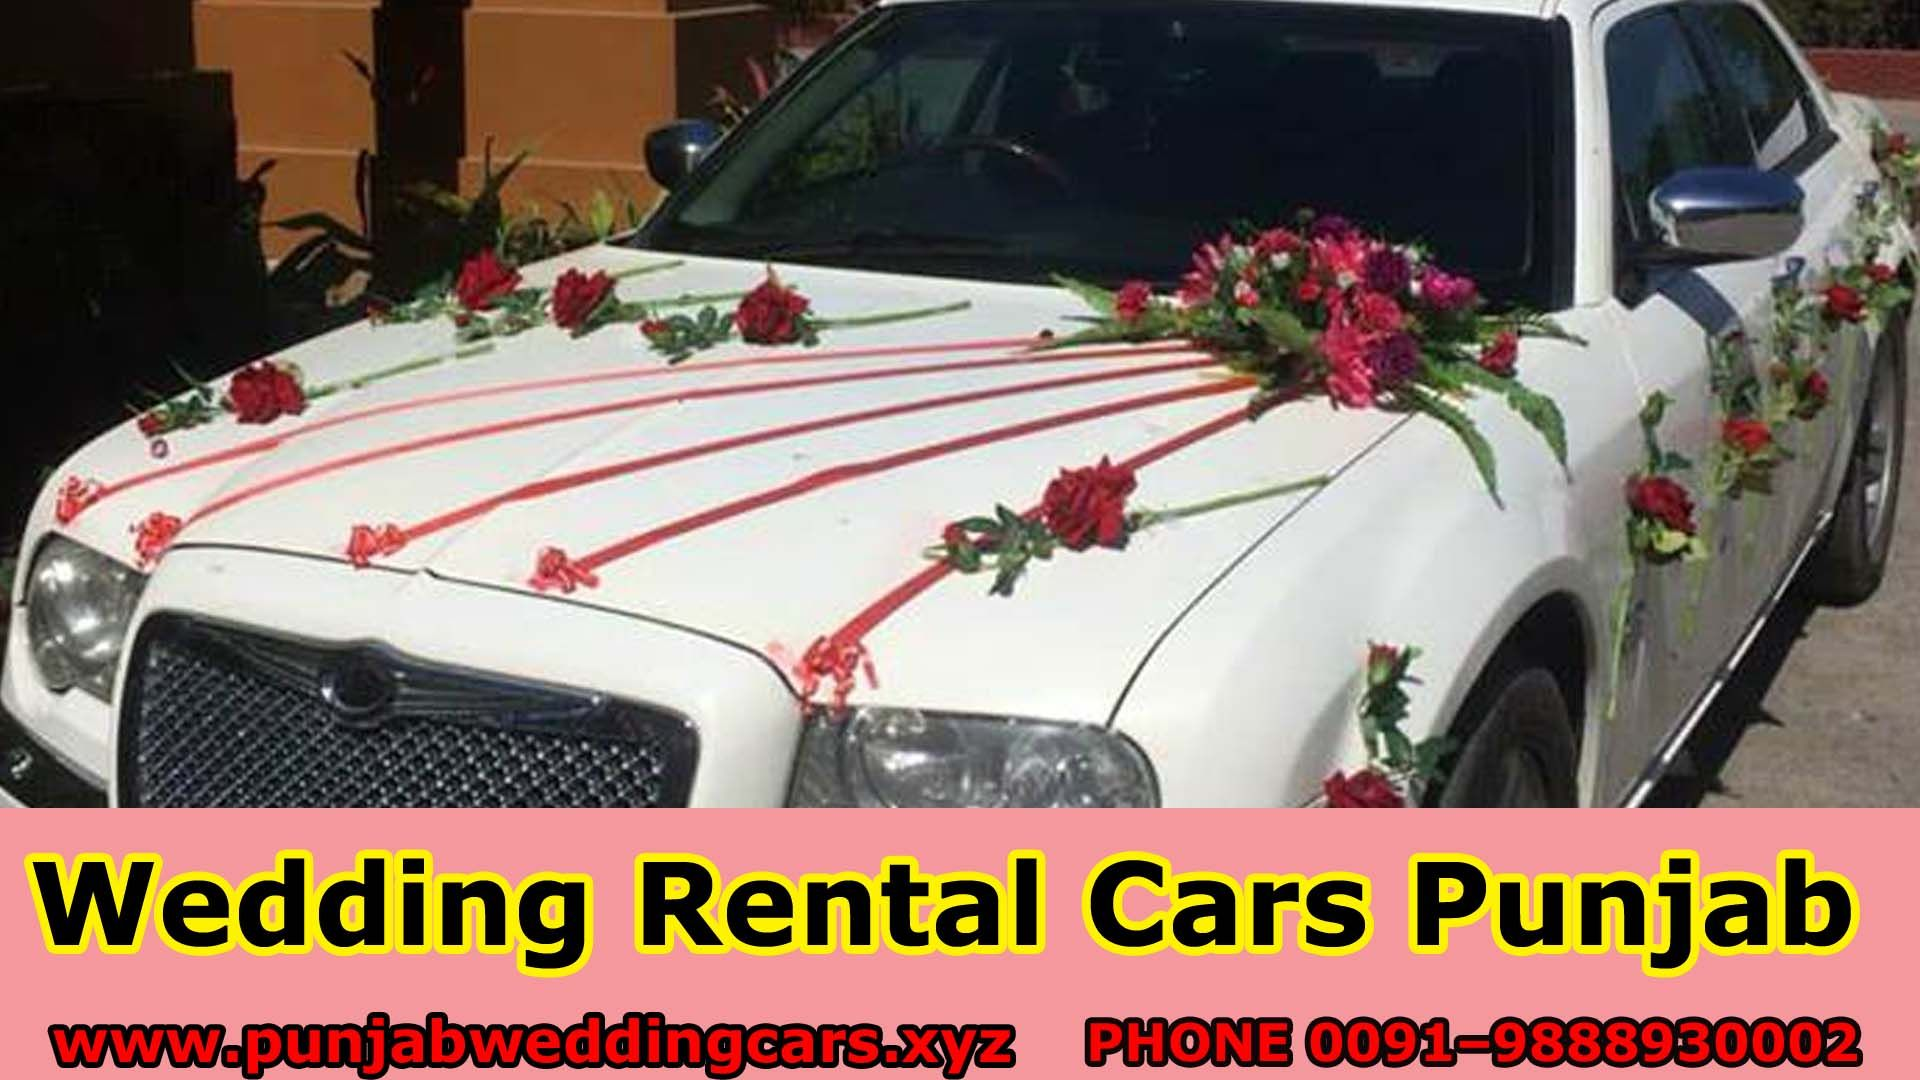 Wedding Cars In Punjab Punjab Wedding Cars Provides Rental Wedding Cars Luxury Wedding Cars In Punjab At Very Aff Wedding Car Wedding Rentals Car Rental